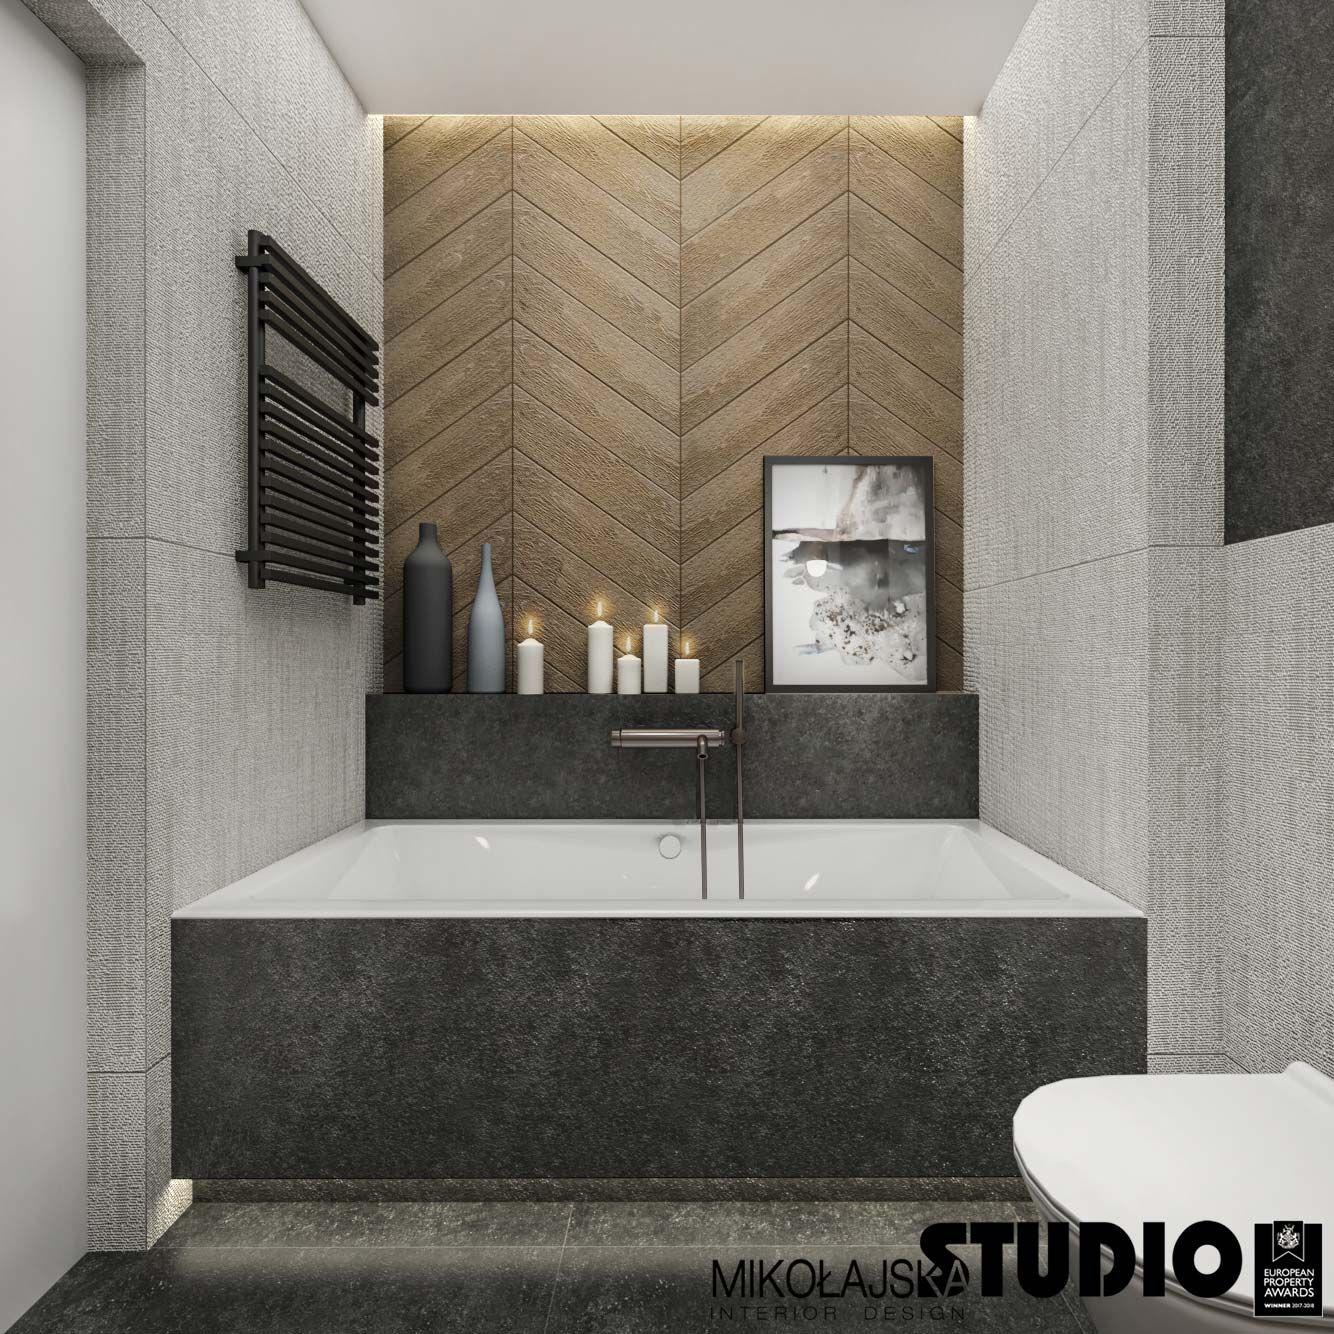 Wanna Czarny Grzejnik Jodelka Francuska Na Scianie Ciemne Plytki Bathroom Mirror Bathroom Inspo Bathroom